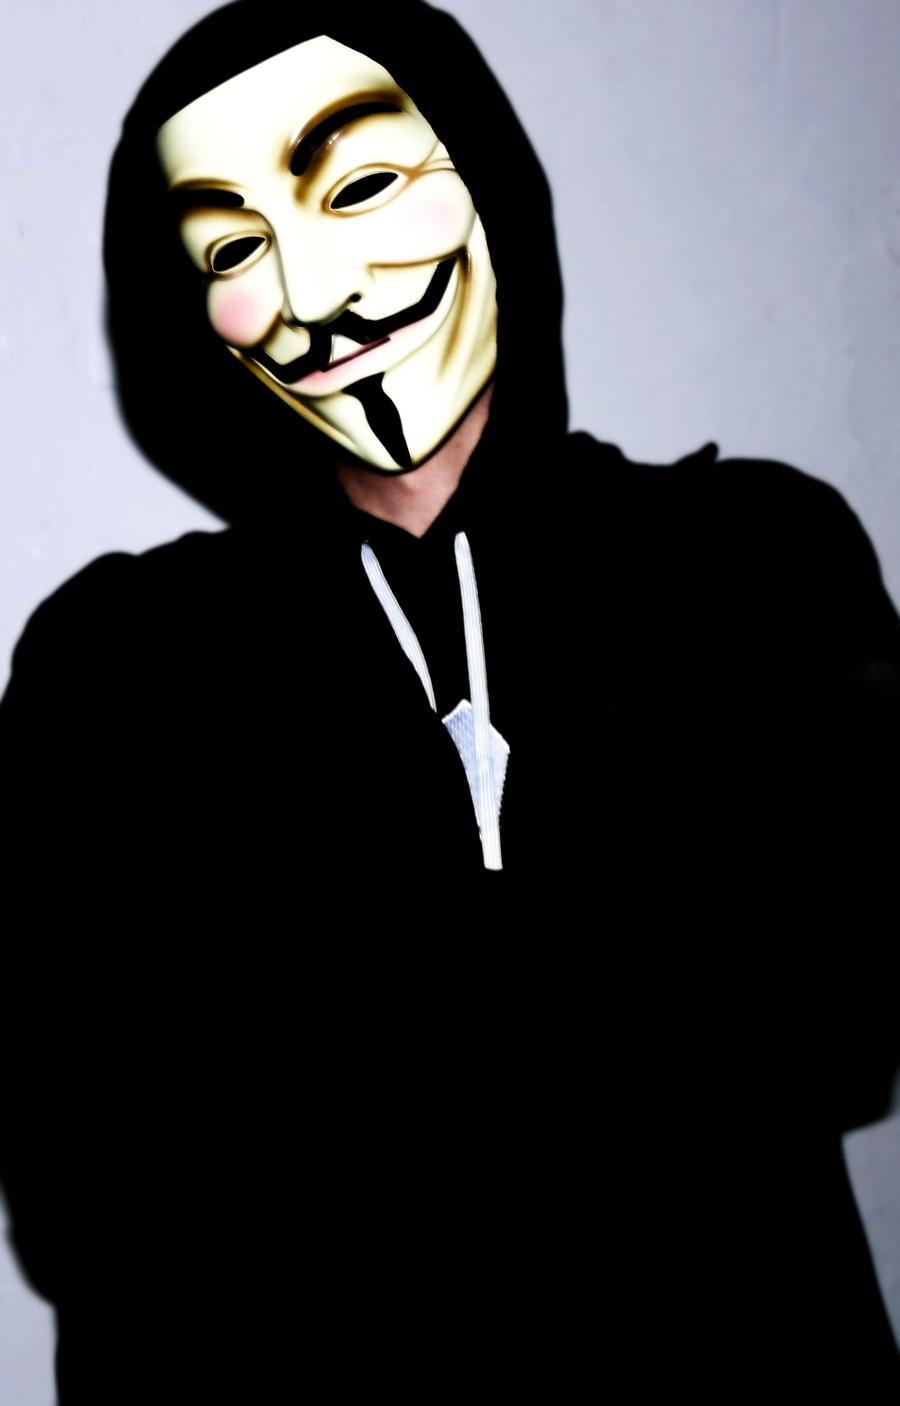 Фото на аву анонимная